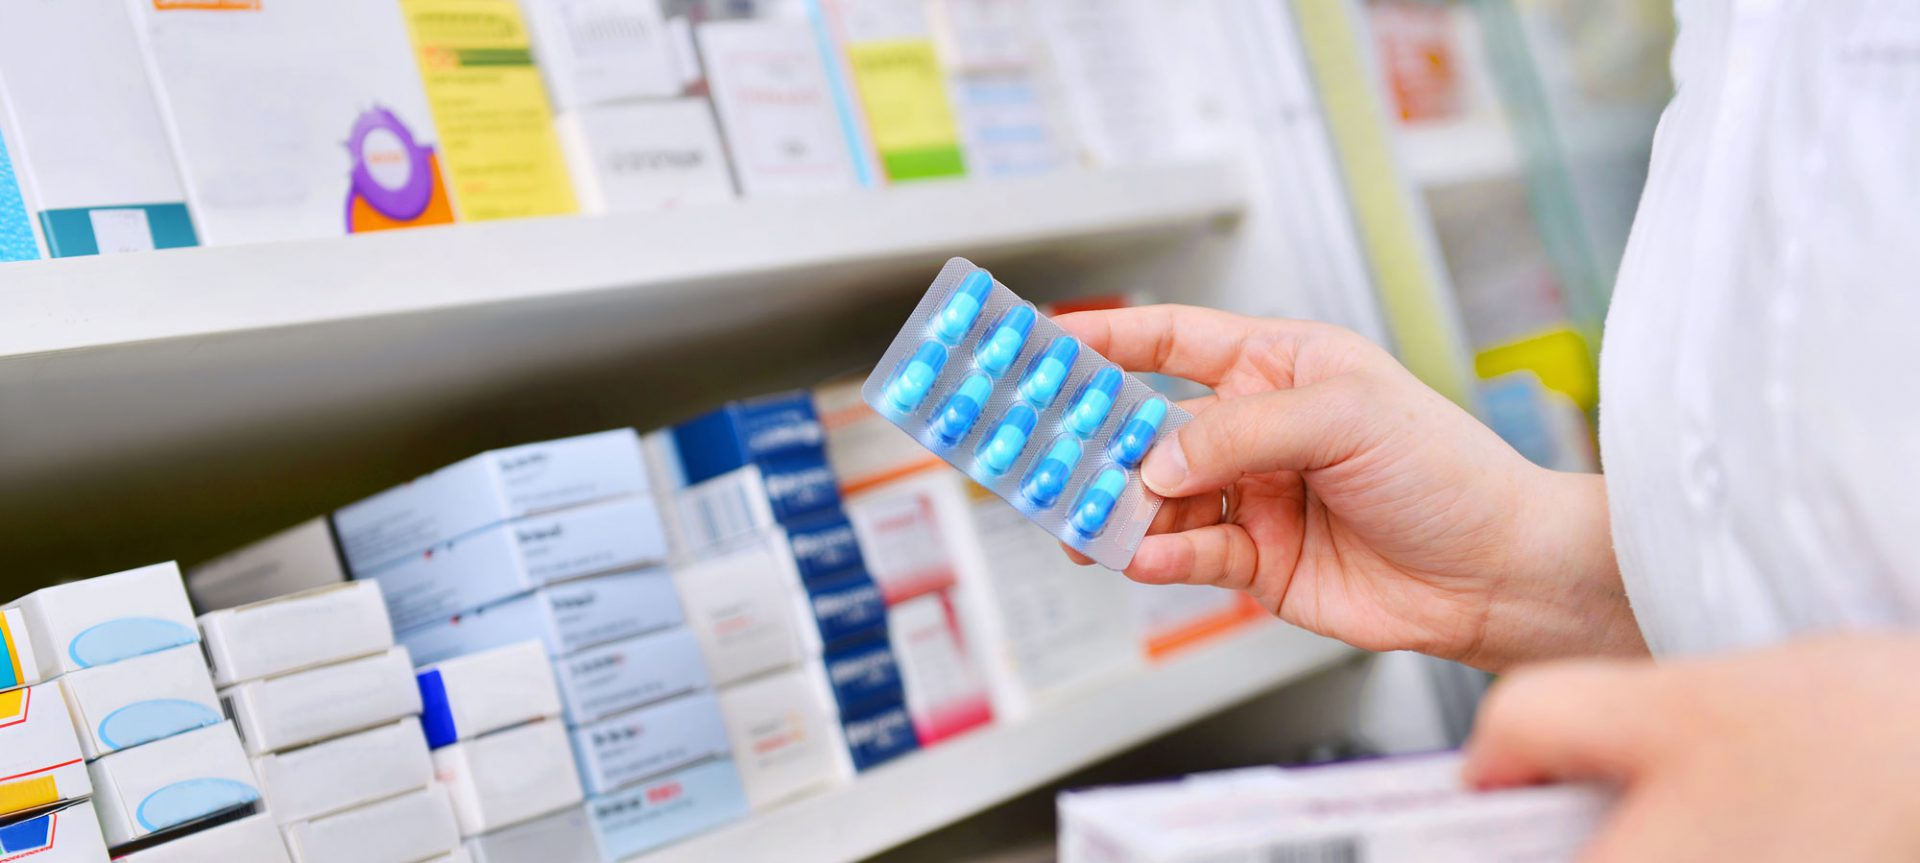 https://www.vvh.org/wp-content/uploads/2018/07/Pharmacy_Header-1920x863.jpg